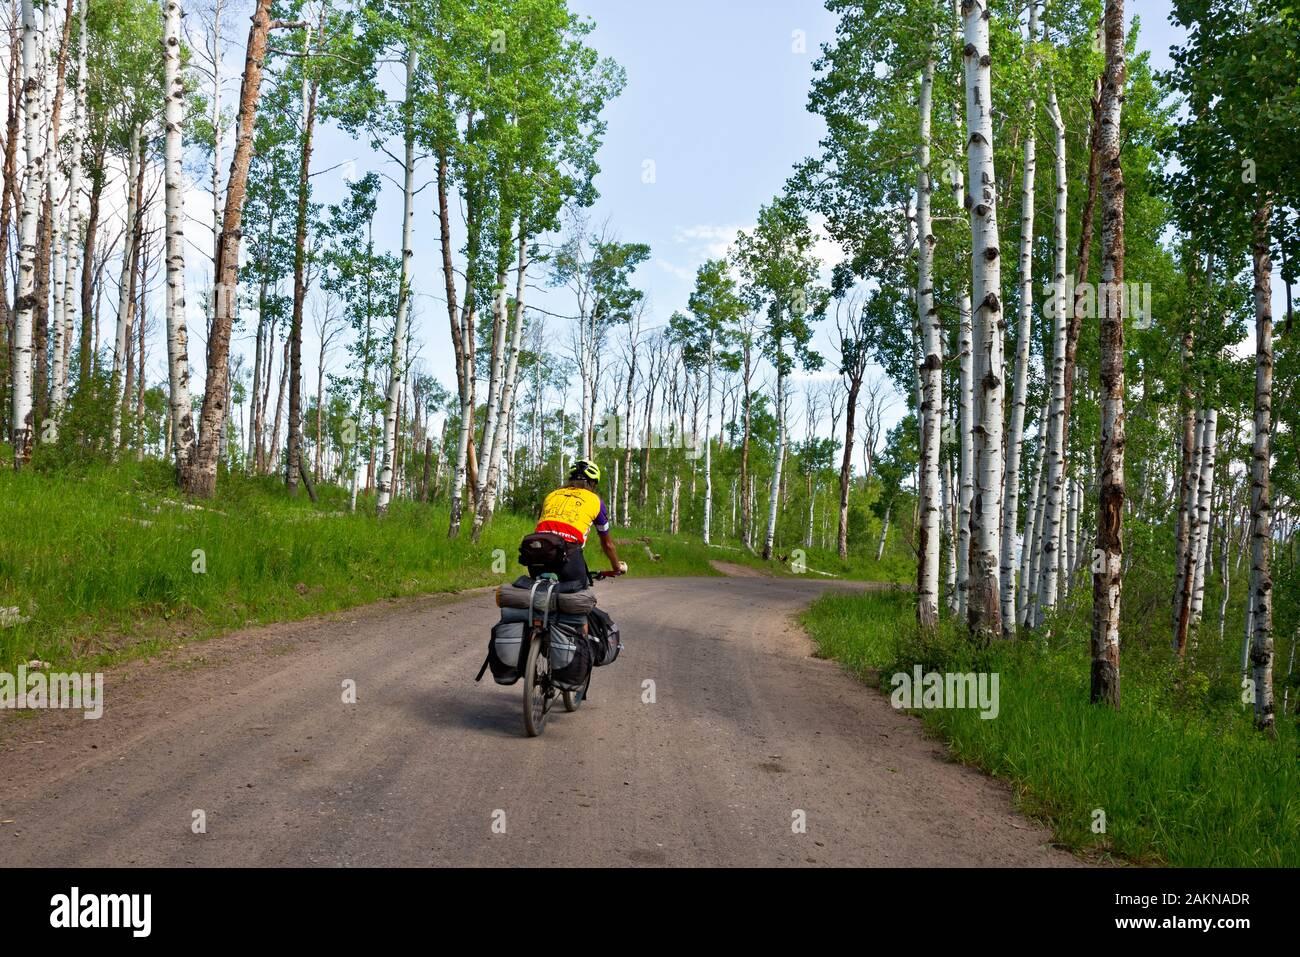 CO 00208-00... COLORADO - Reiten durch eine Aspen Bäume Straße 129 auf der Columbine Alternative der großen Mountainbike Route teilen. Stockfoto